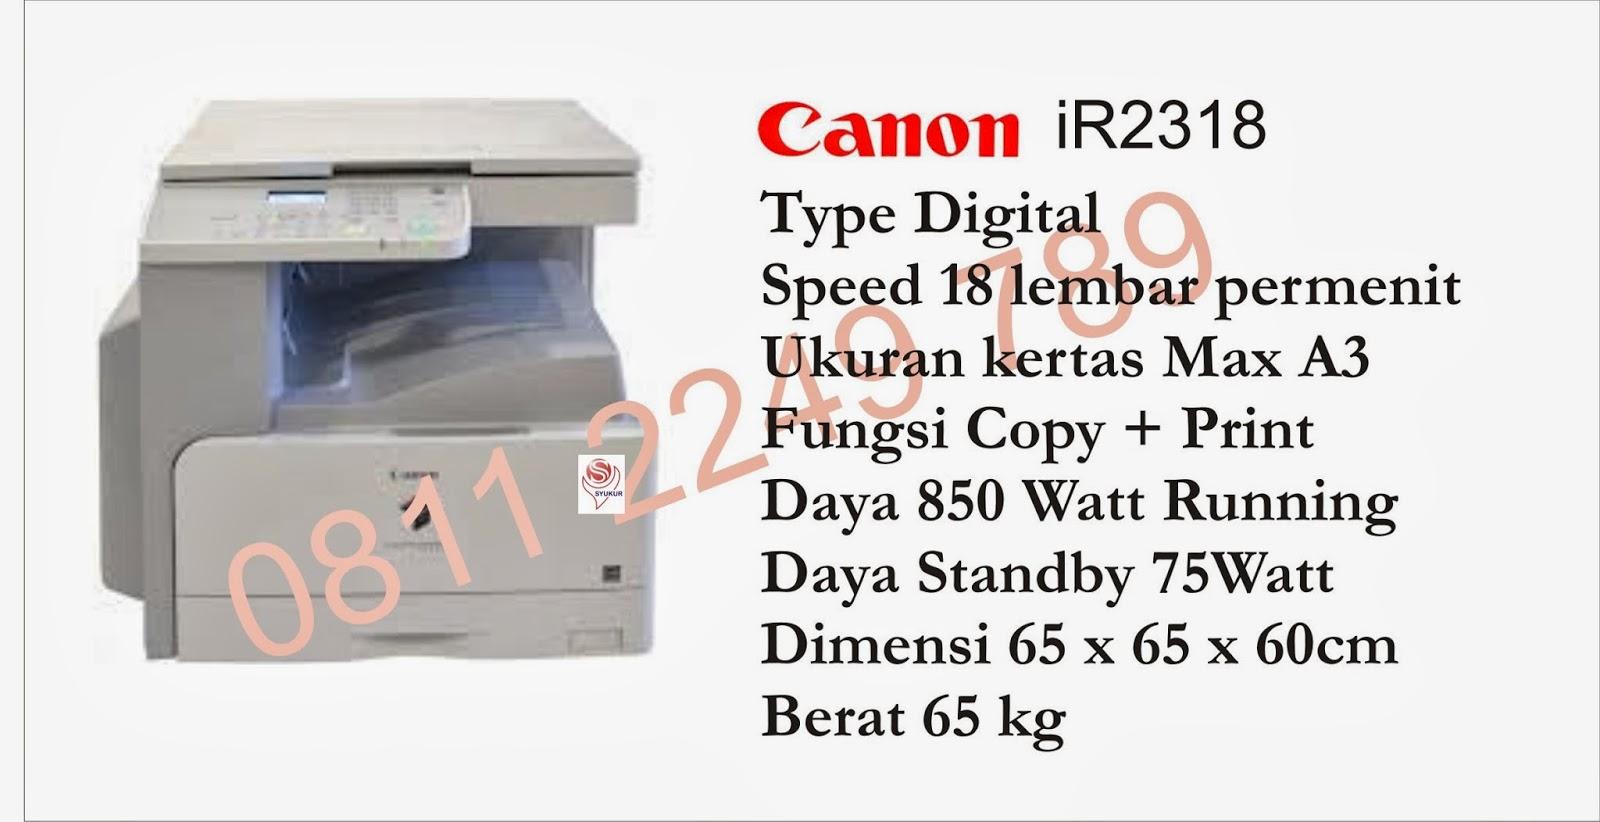 mesin fotocopy kantor ir2318 ir2018   mesin fotocopy canon ir2016 manual canon ir2018 manual cz